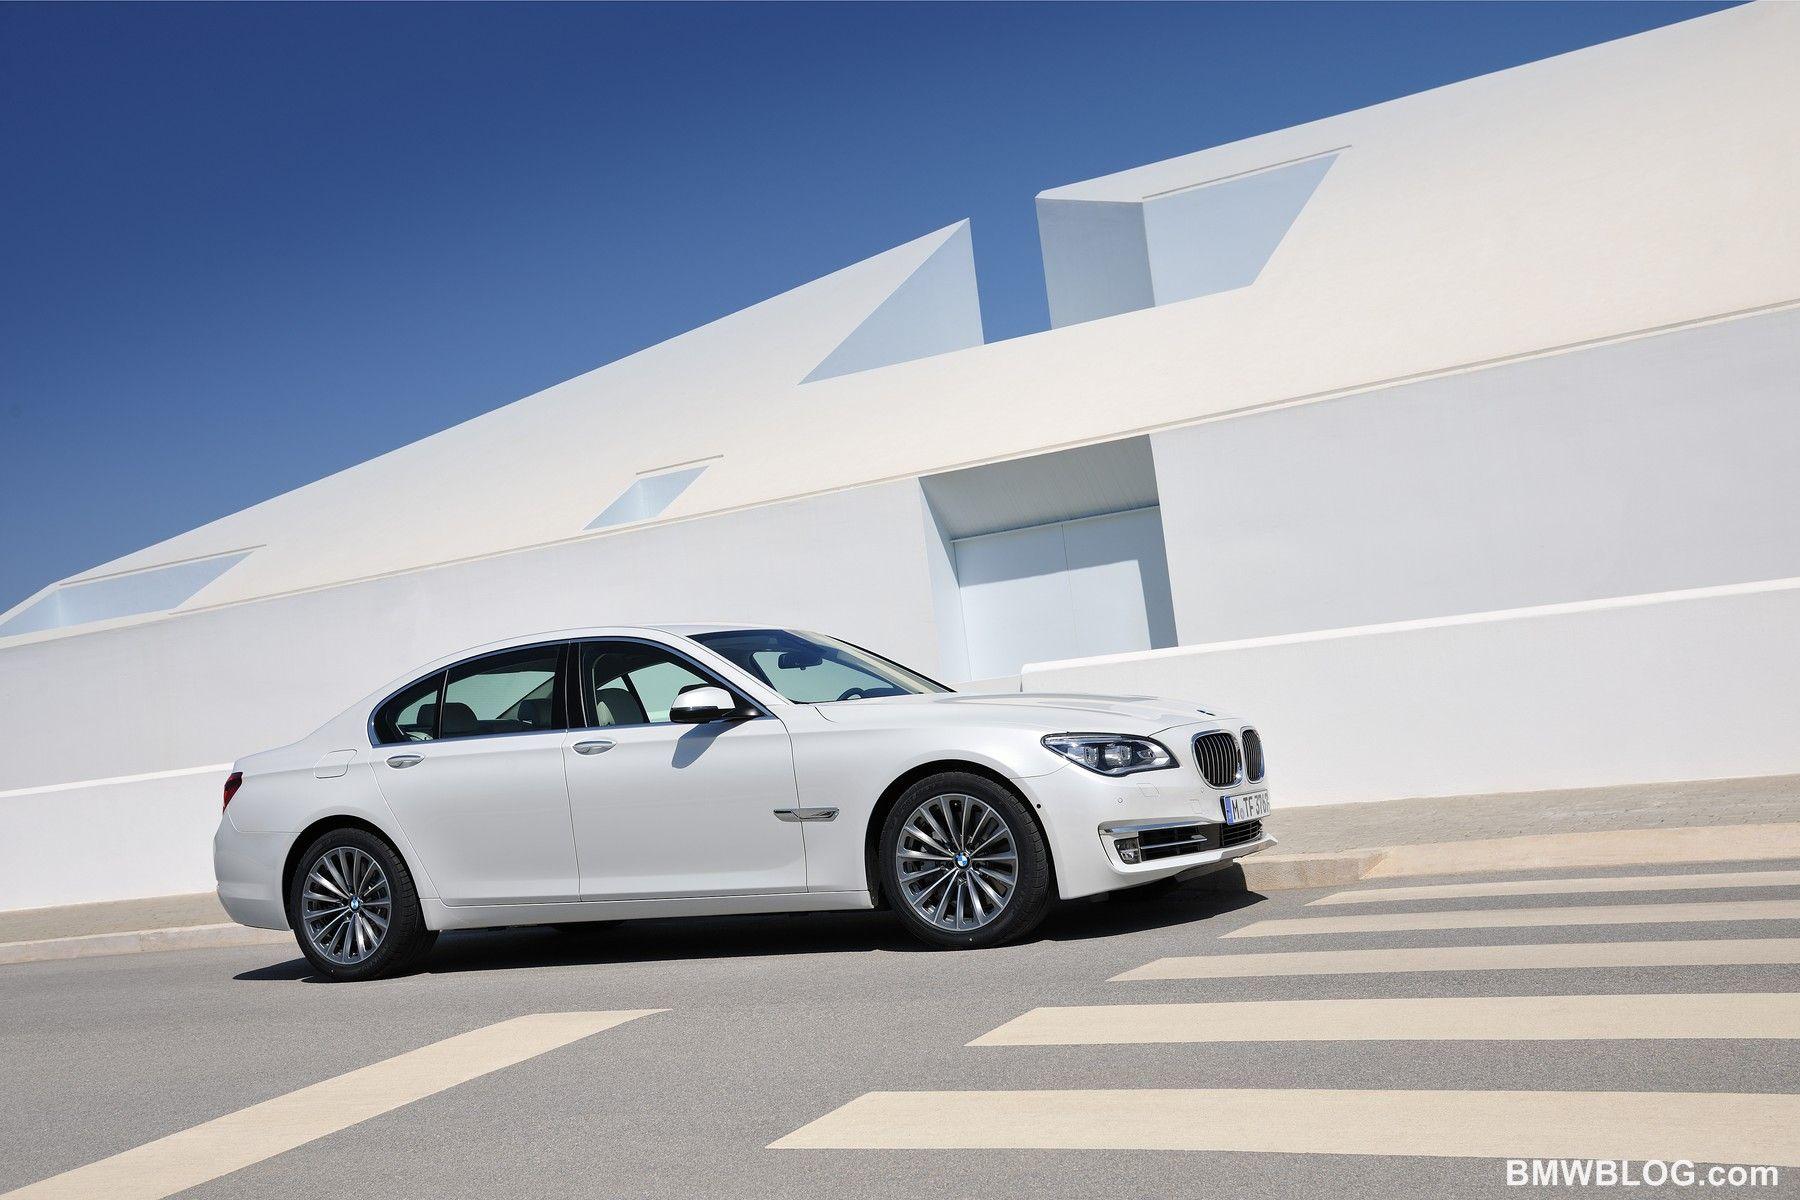 White Bmw 7 Series Hd Wallpaper Cars Bmw 7 Series Bmw